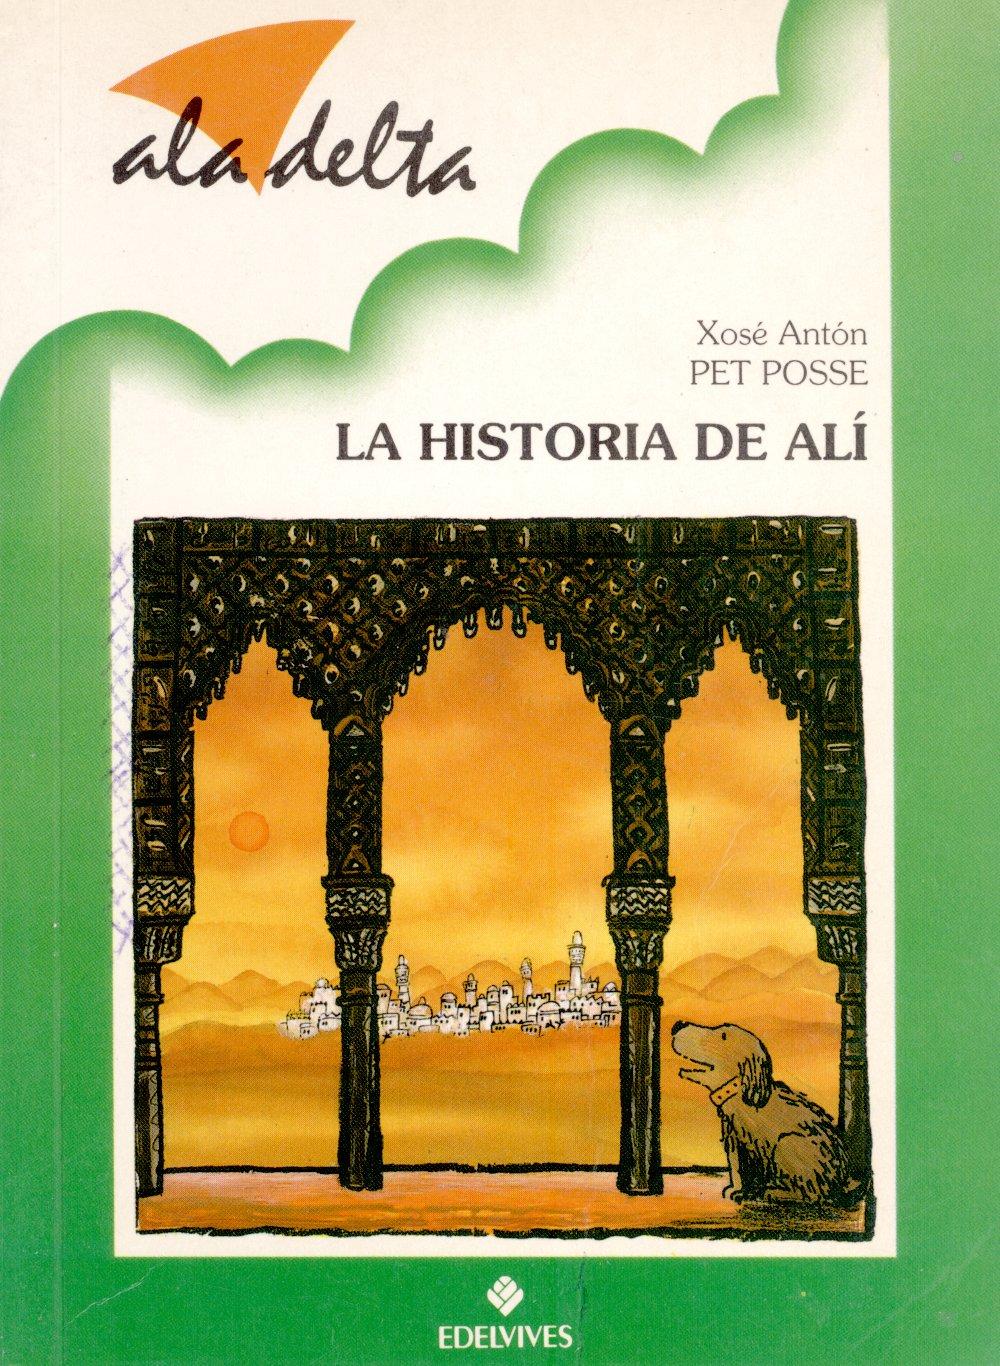 La historia de ali: Amazon.es: Pet Posse, Xose Anton: Libros